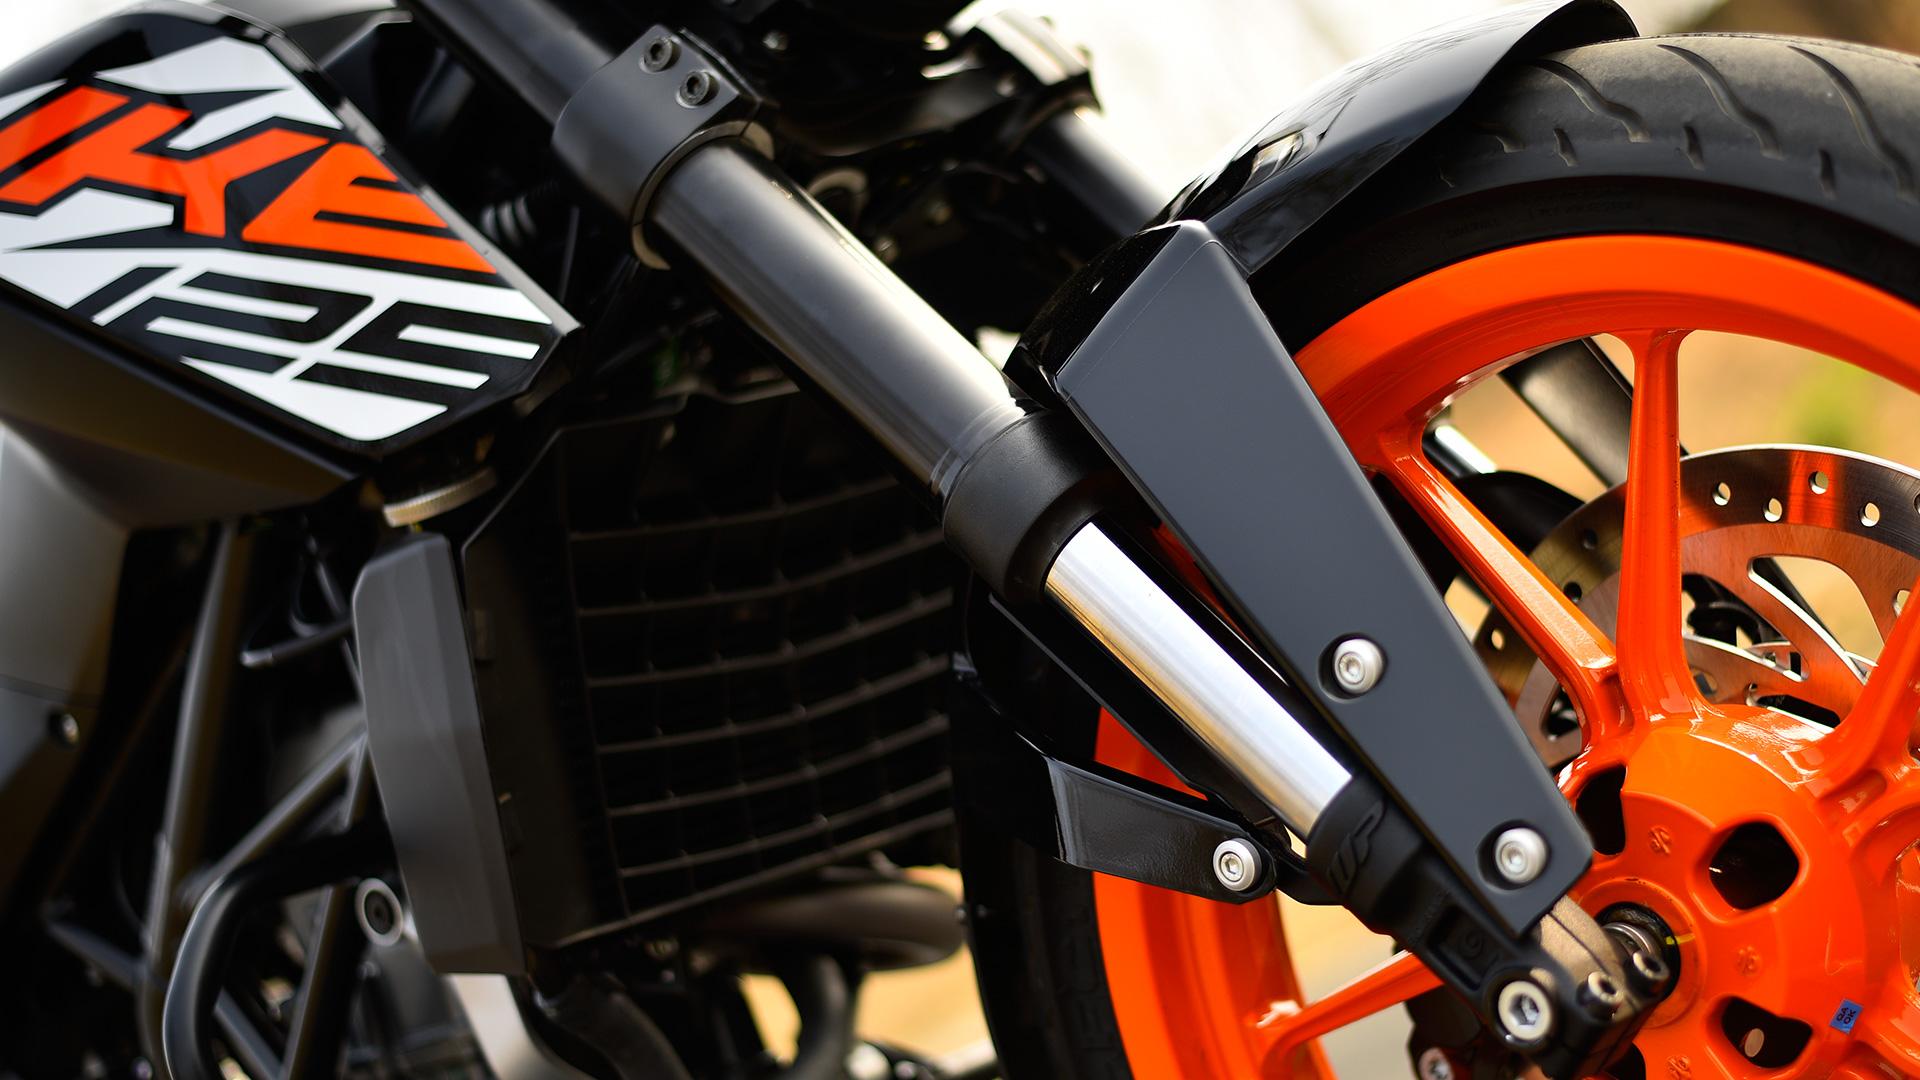 KTM 125 Duke 2019 ABS